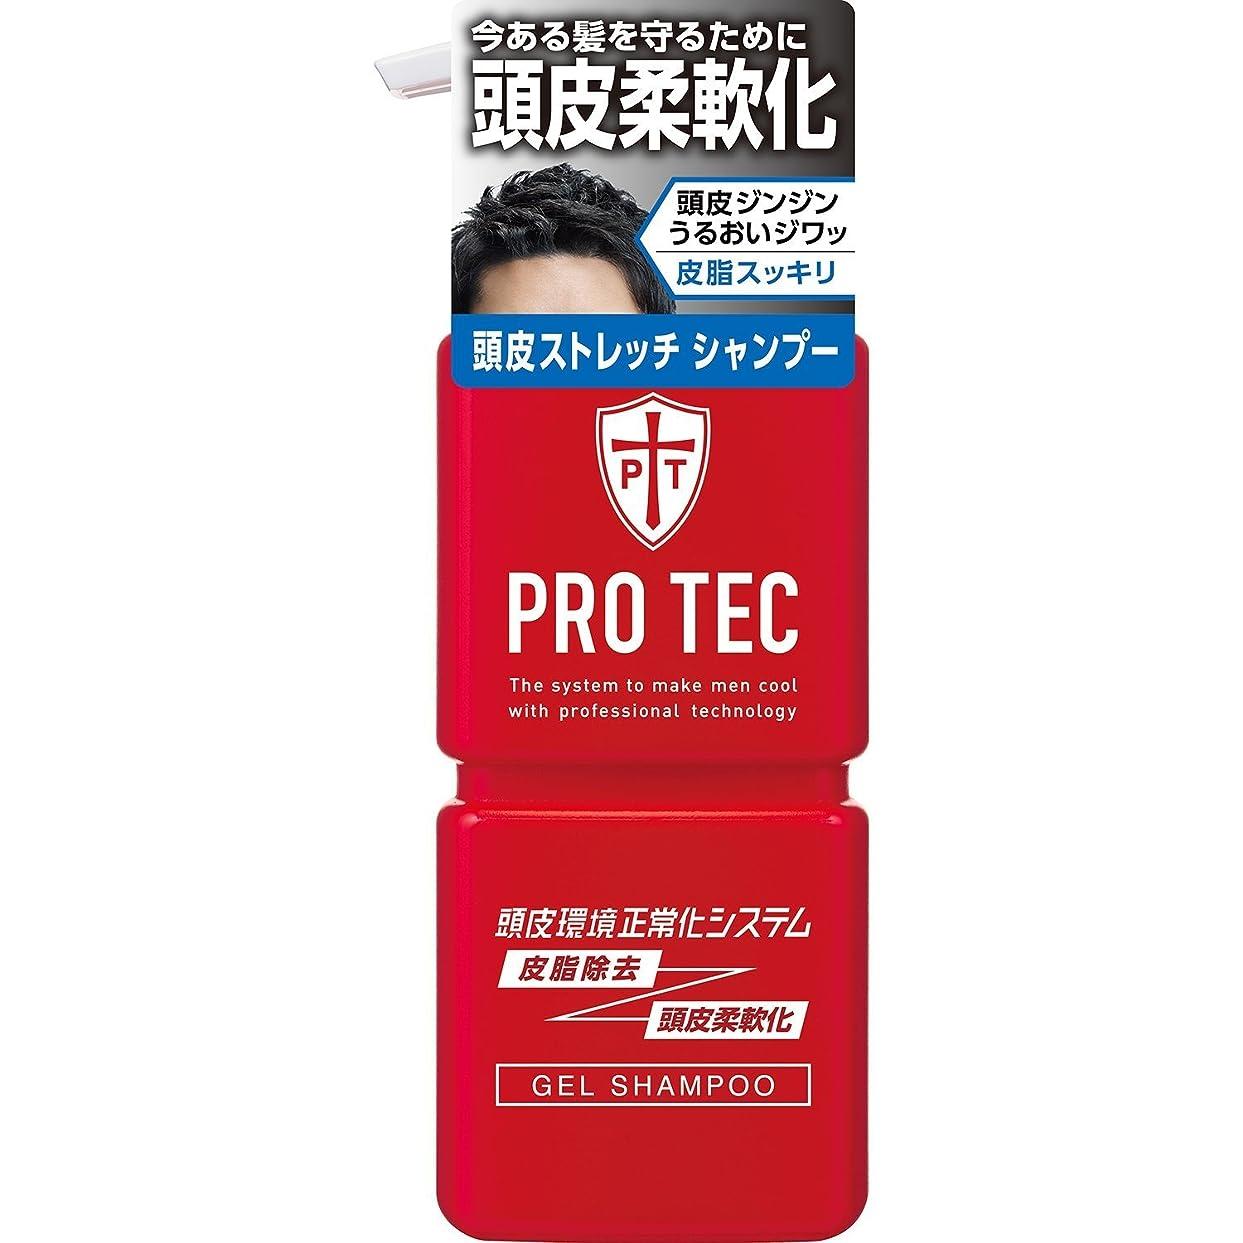 羽恐竜浸透するPRO TEC(プロテク) 頭皮ストレッチ シャンプー 本体ポンプ 300g(医薬部外品)